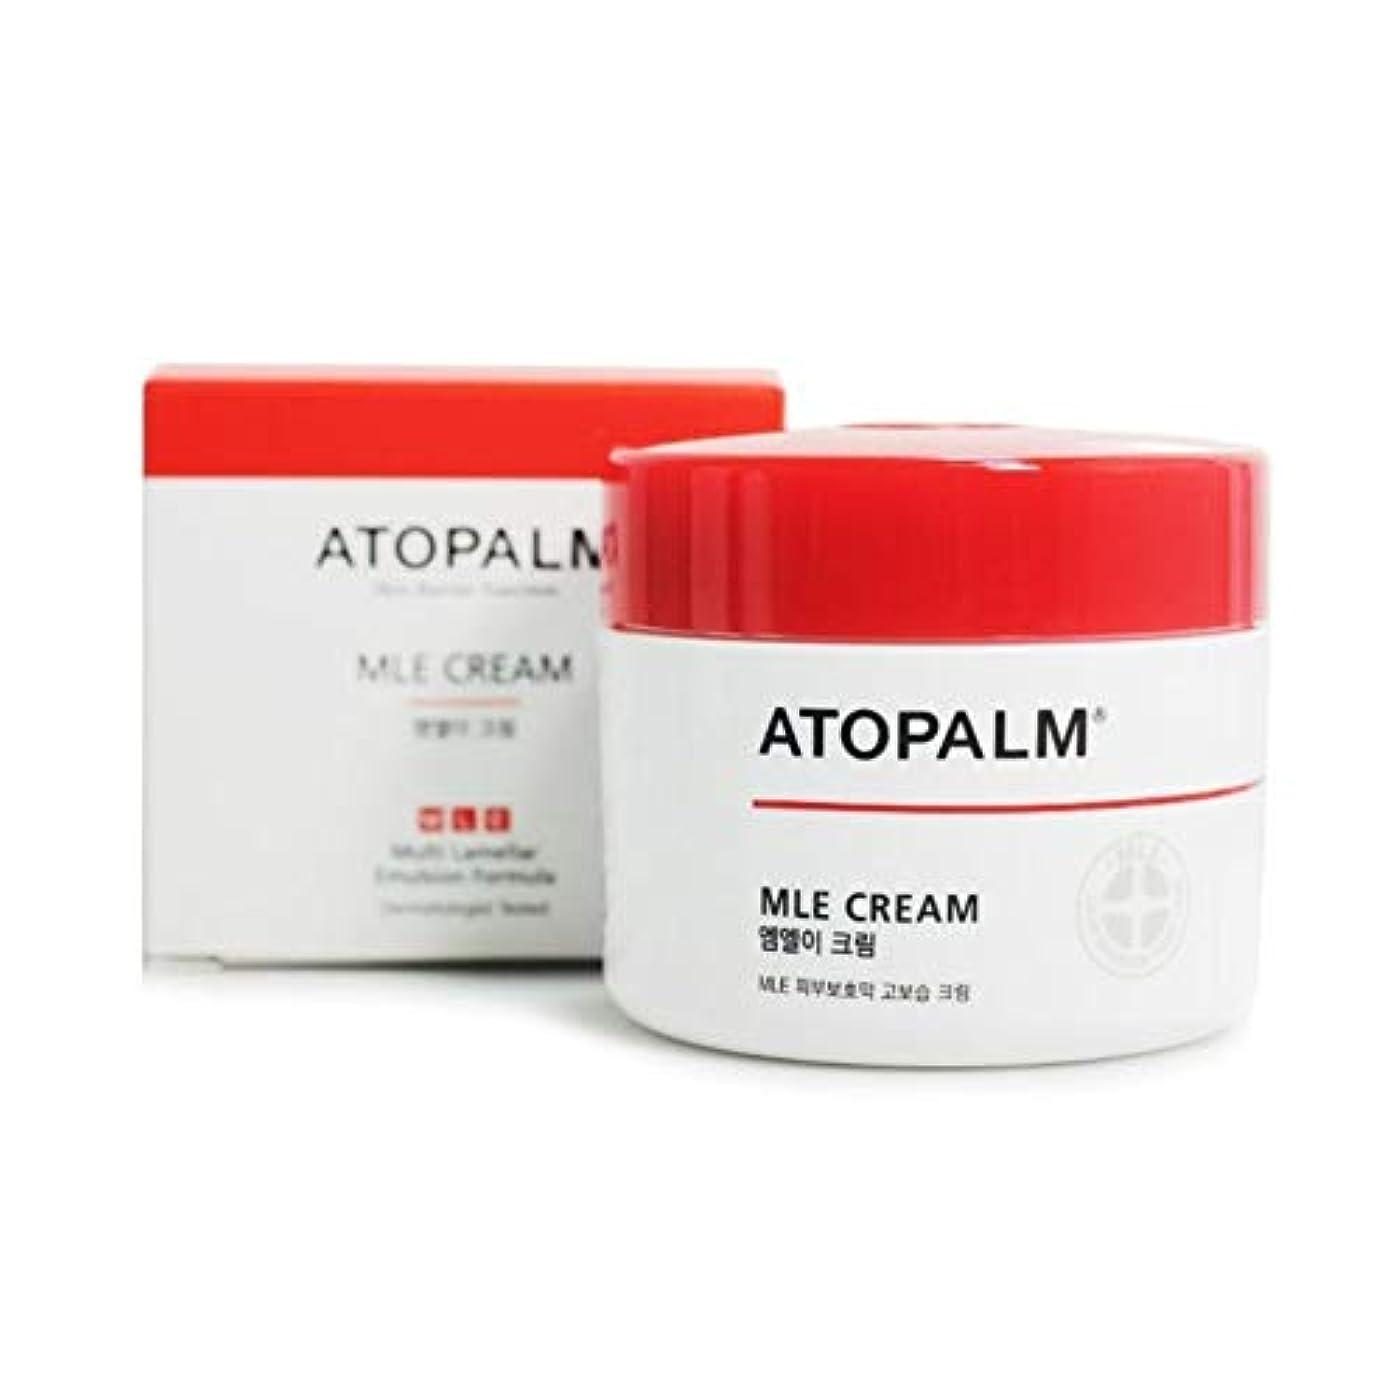 高さ東ティモール東ティモールアトパムMLEクリーム160mlベビークリーム韓国コスメ、Atopalm MLE Cream 160ml Baby Cream Korean Cosmetics [並行輸入品]